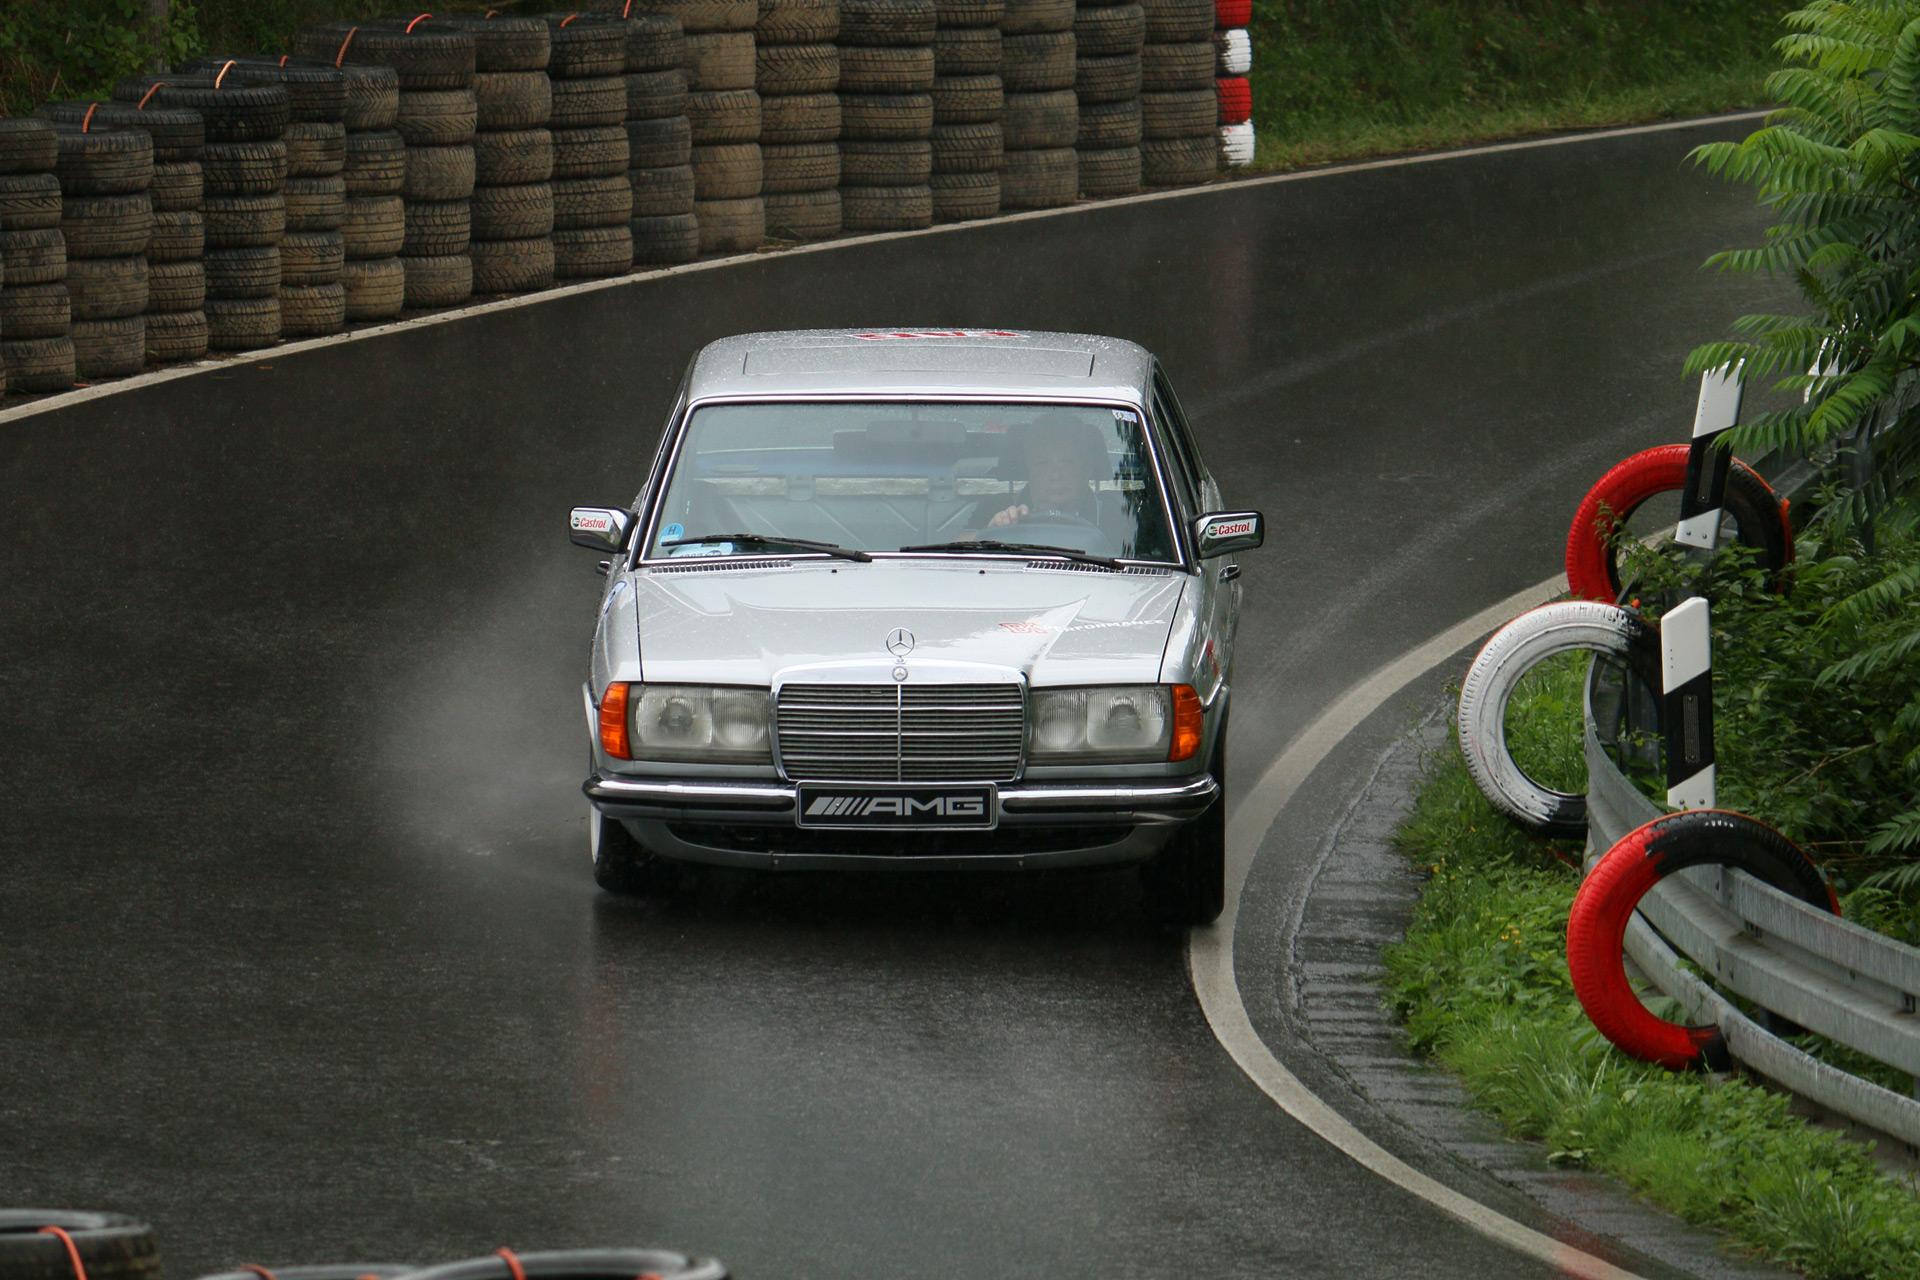 Mercedes-AMG entwickelt zusammen mit Mercedes-Benz Gesamtfahrzeugkonzepte im Hochleistungsbereich und ist ein Mercedes-Benz-Original-Equipment-Manufacturer (OEM).